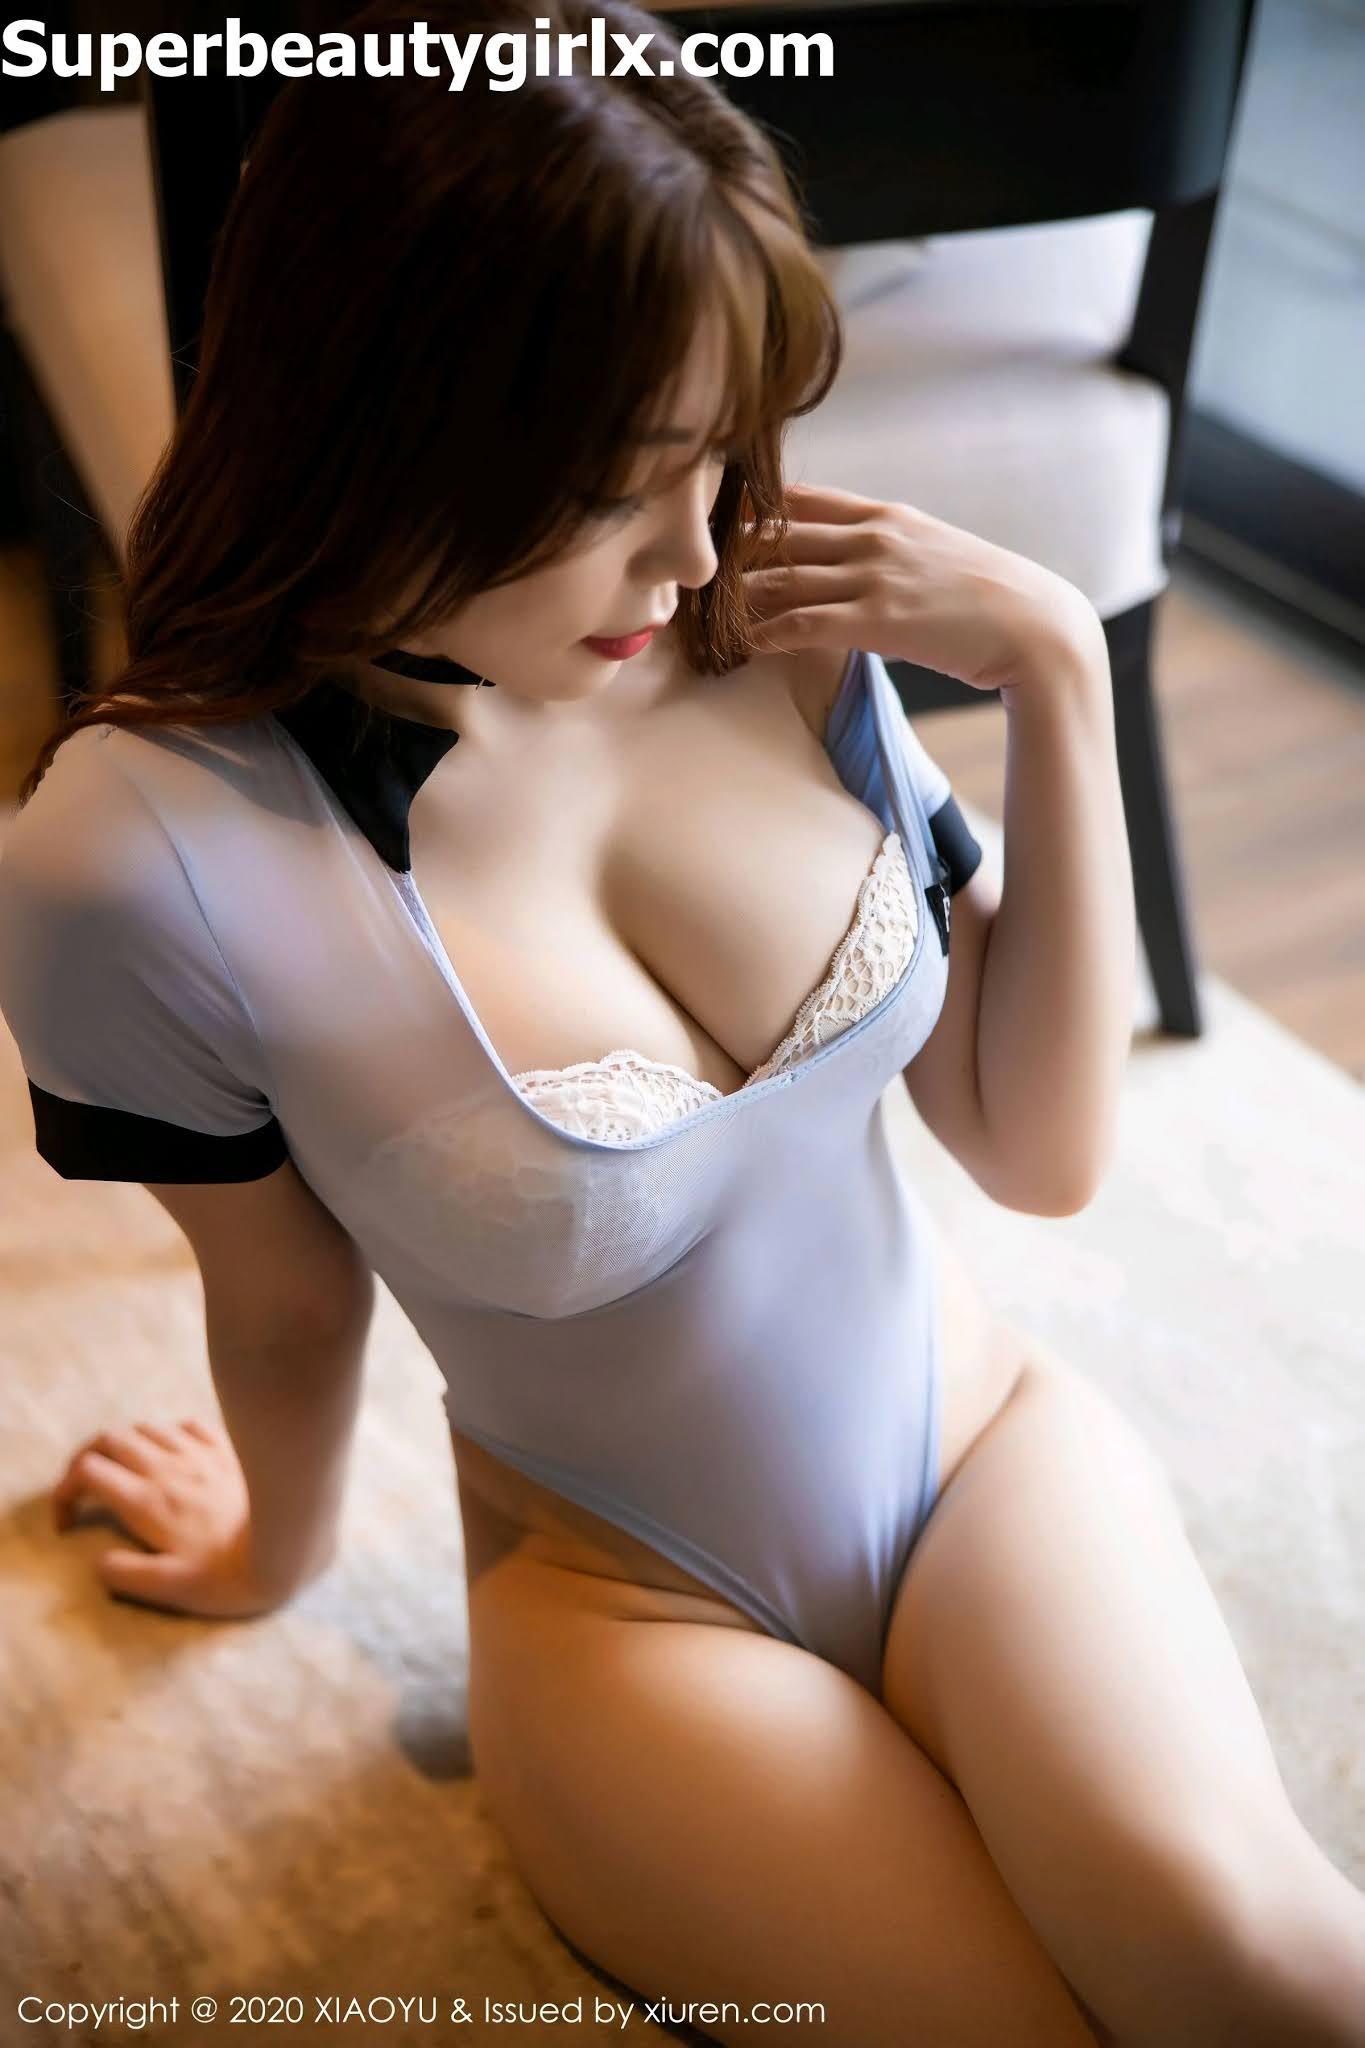 XiaoYu-Vol.354-Booty-Zhizhi-Superbeautygirlx.com